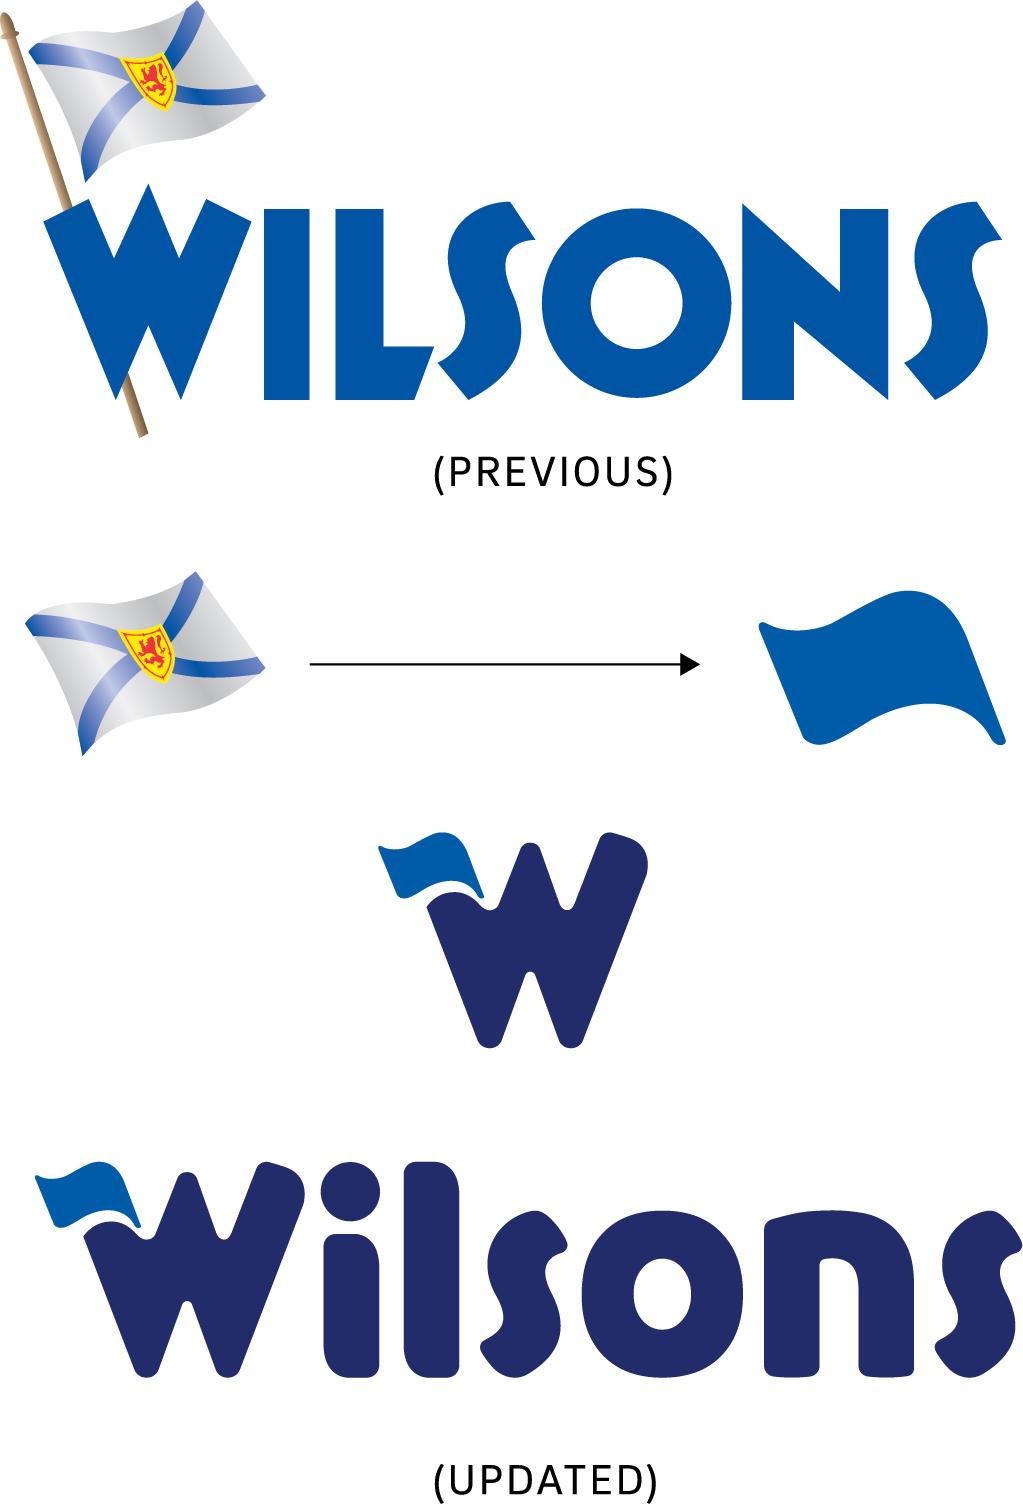 Wilsons Brand refresh